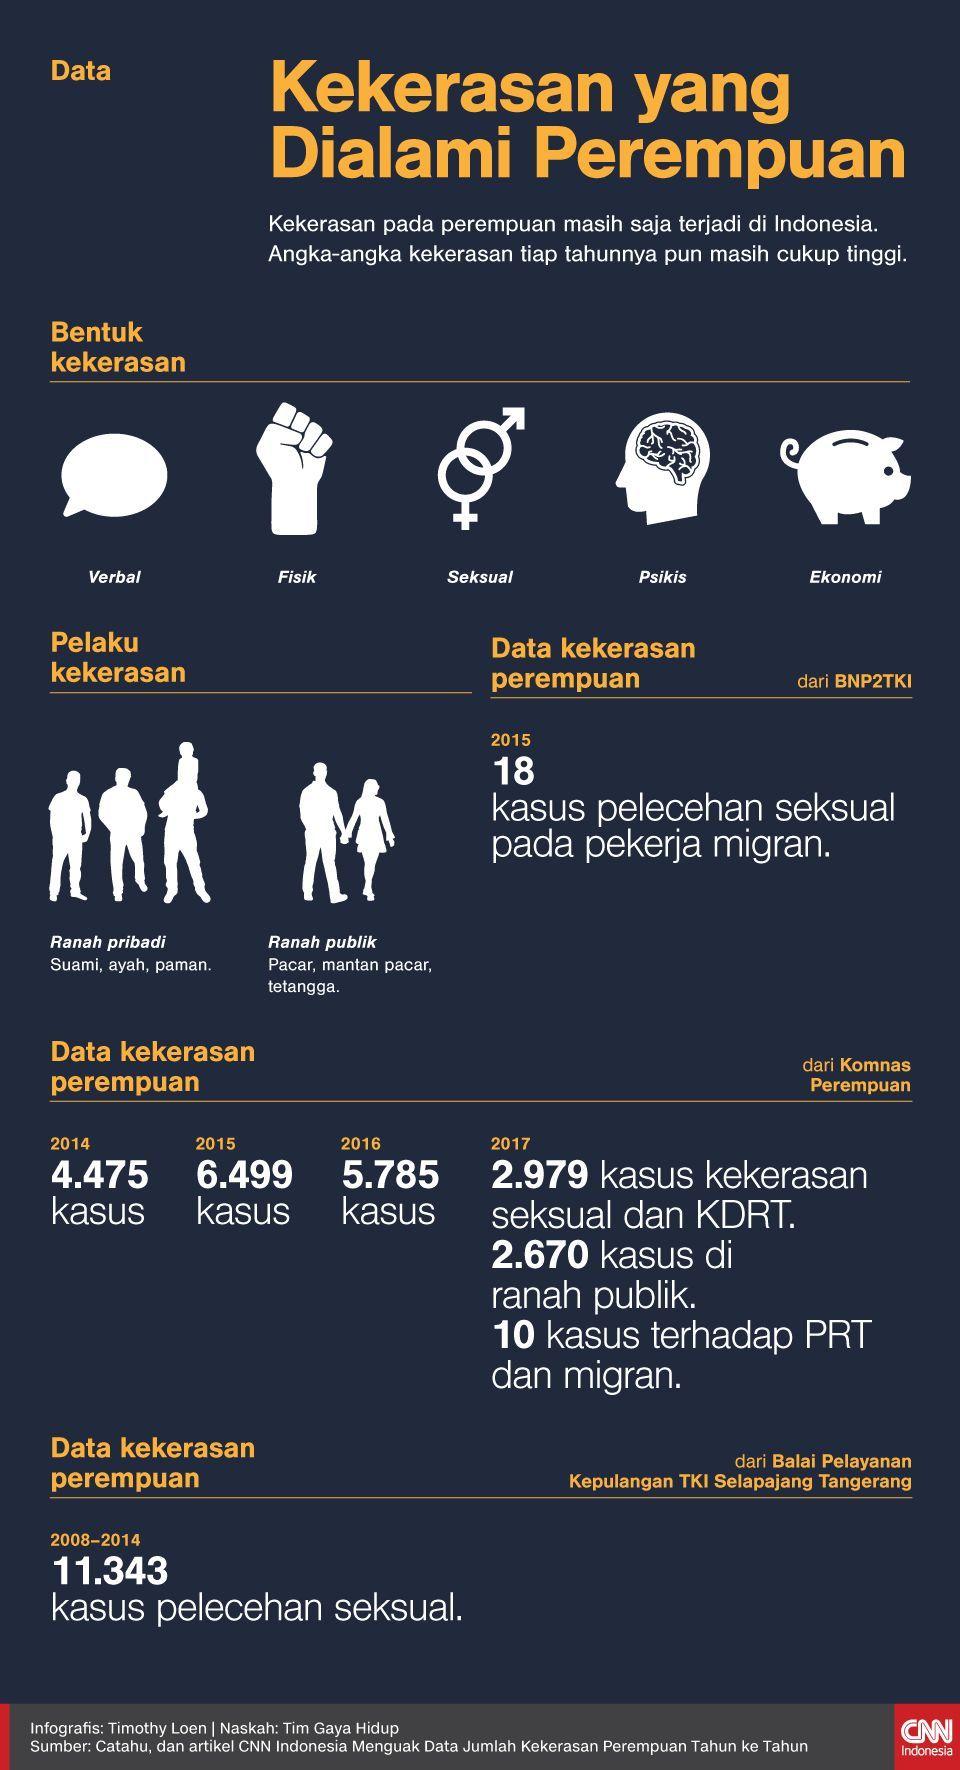 Infografis Data Kekerasan yang Dialami Perempuan